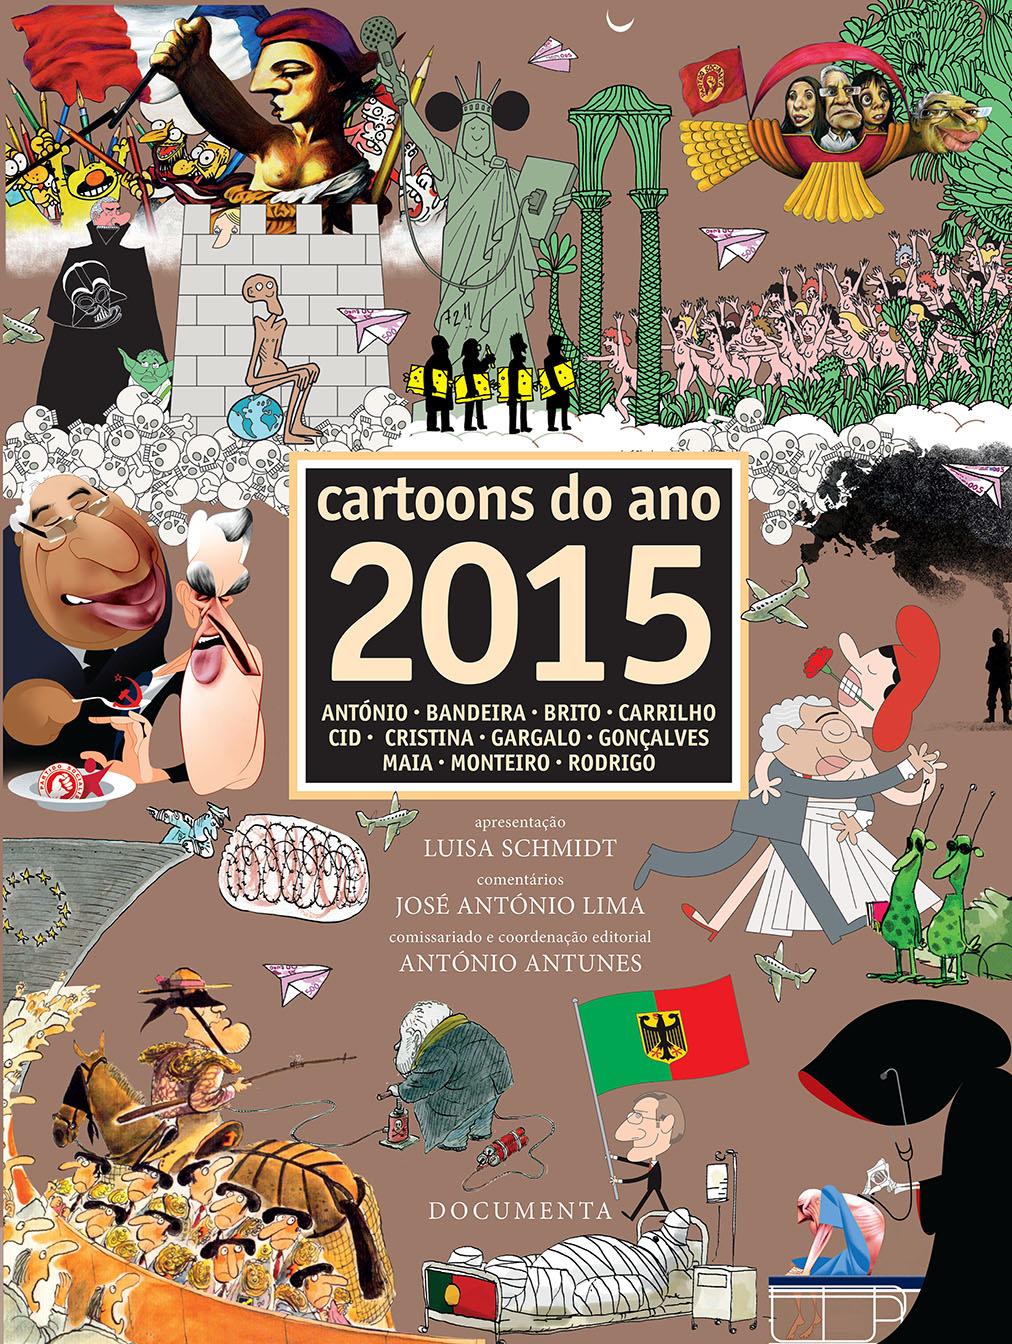 cartoons2015